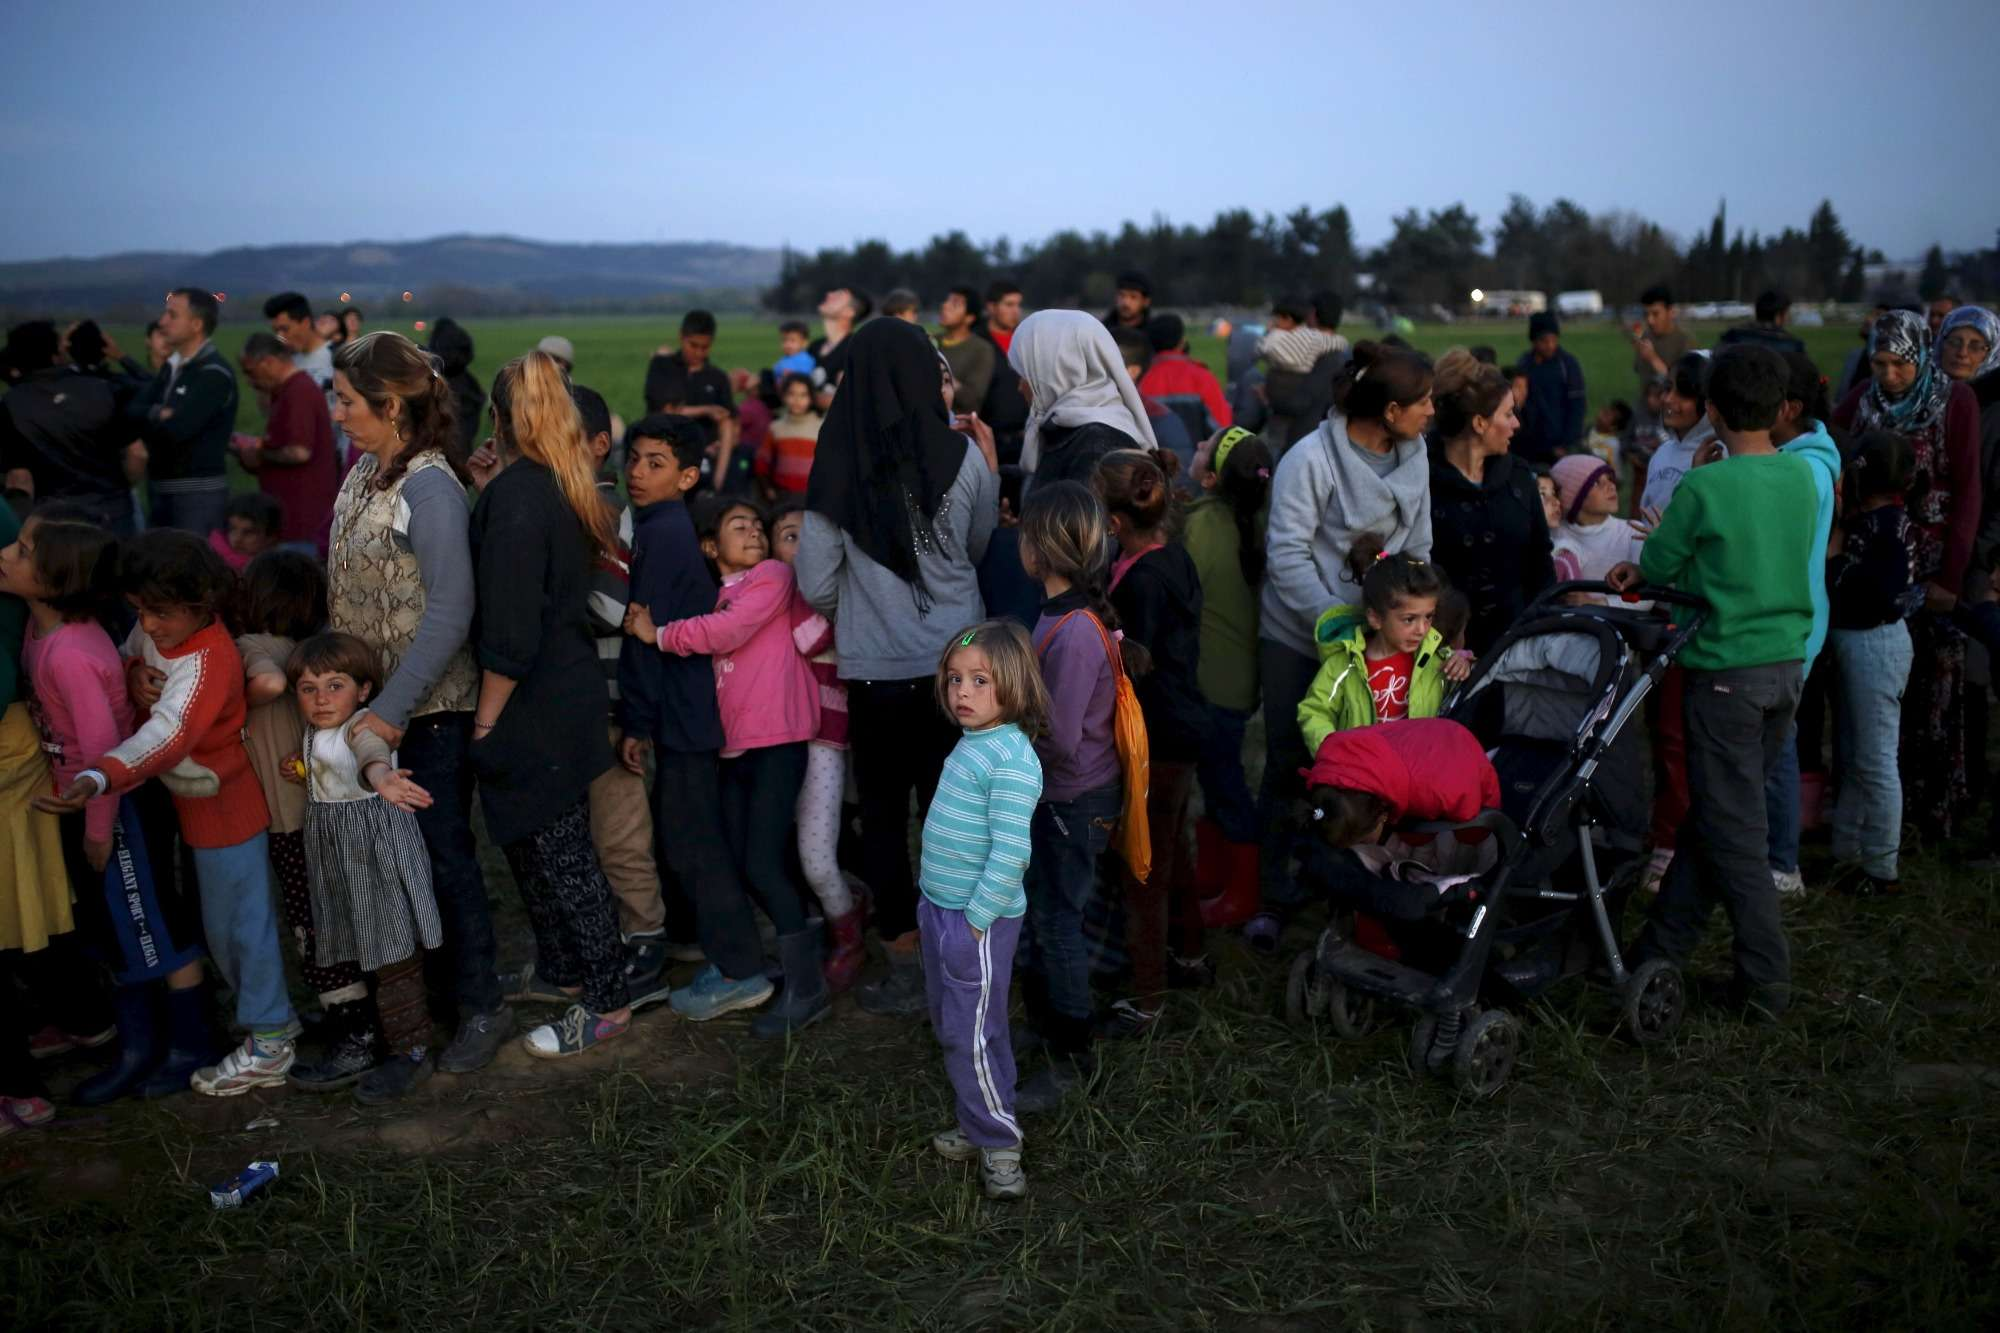 Grèce : Euro-Med s'adresse aux dirigeants de l'UE pour exiger des actions sur les violations commises contre les demandeurs d'asile